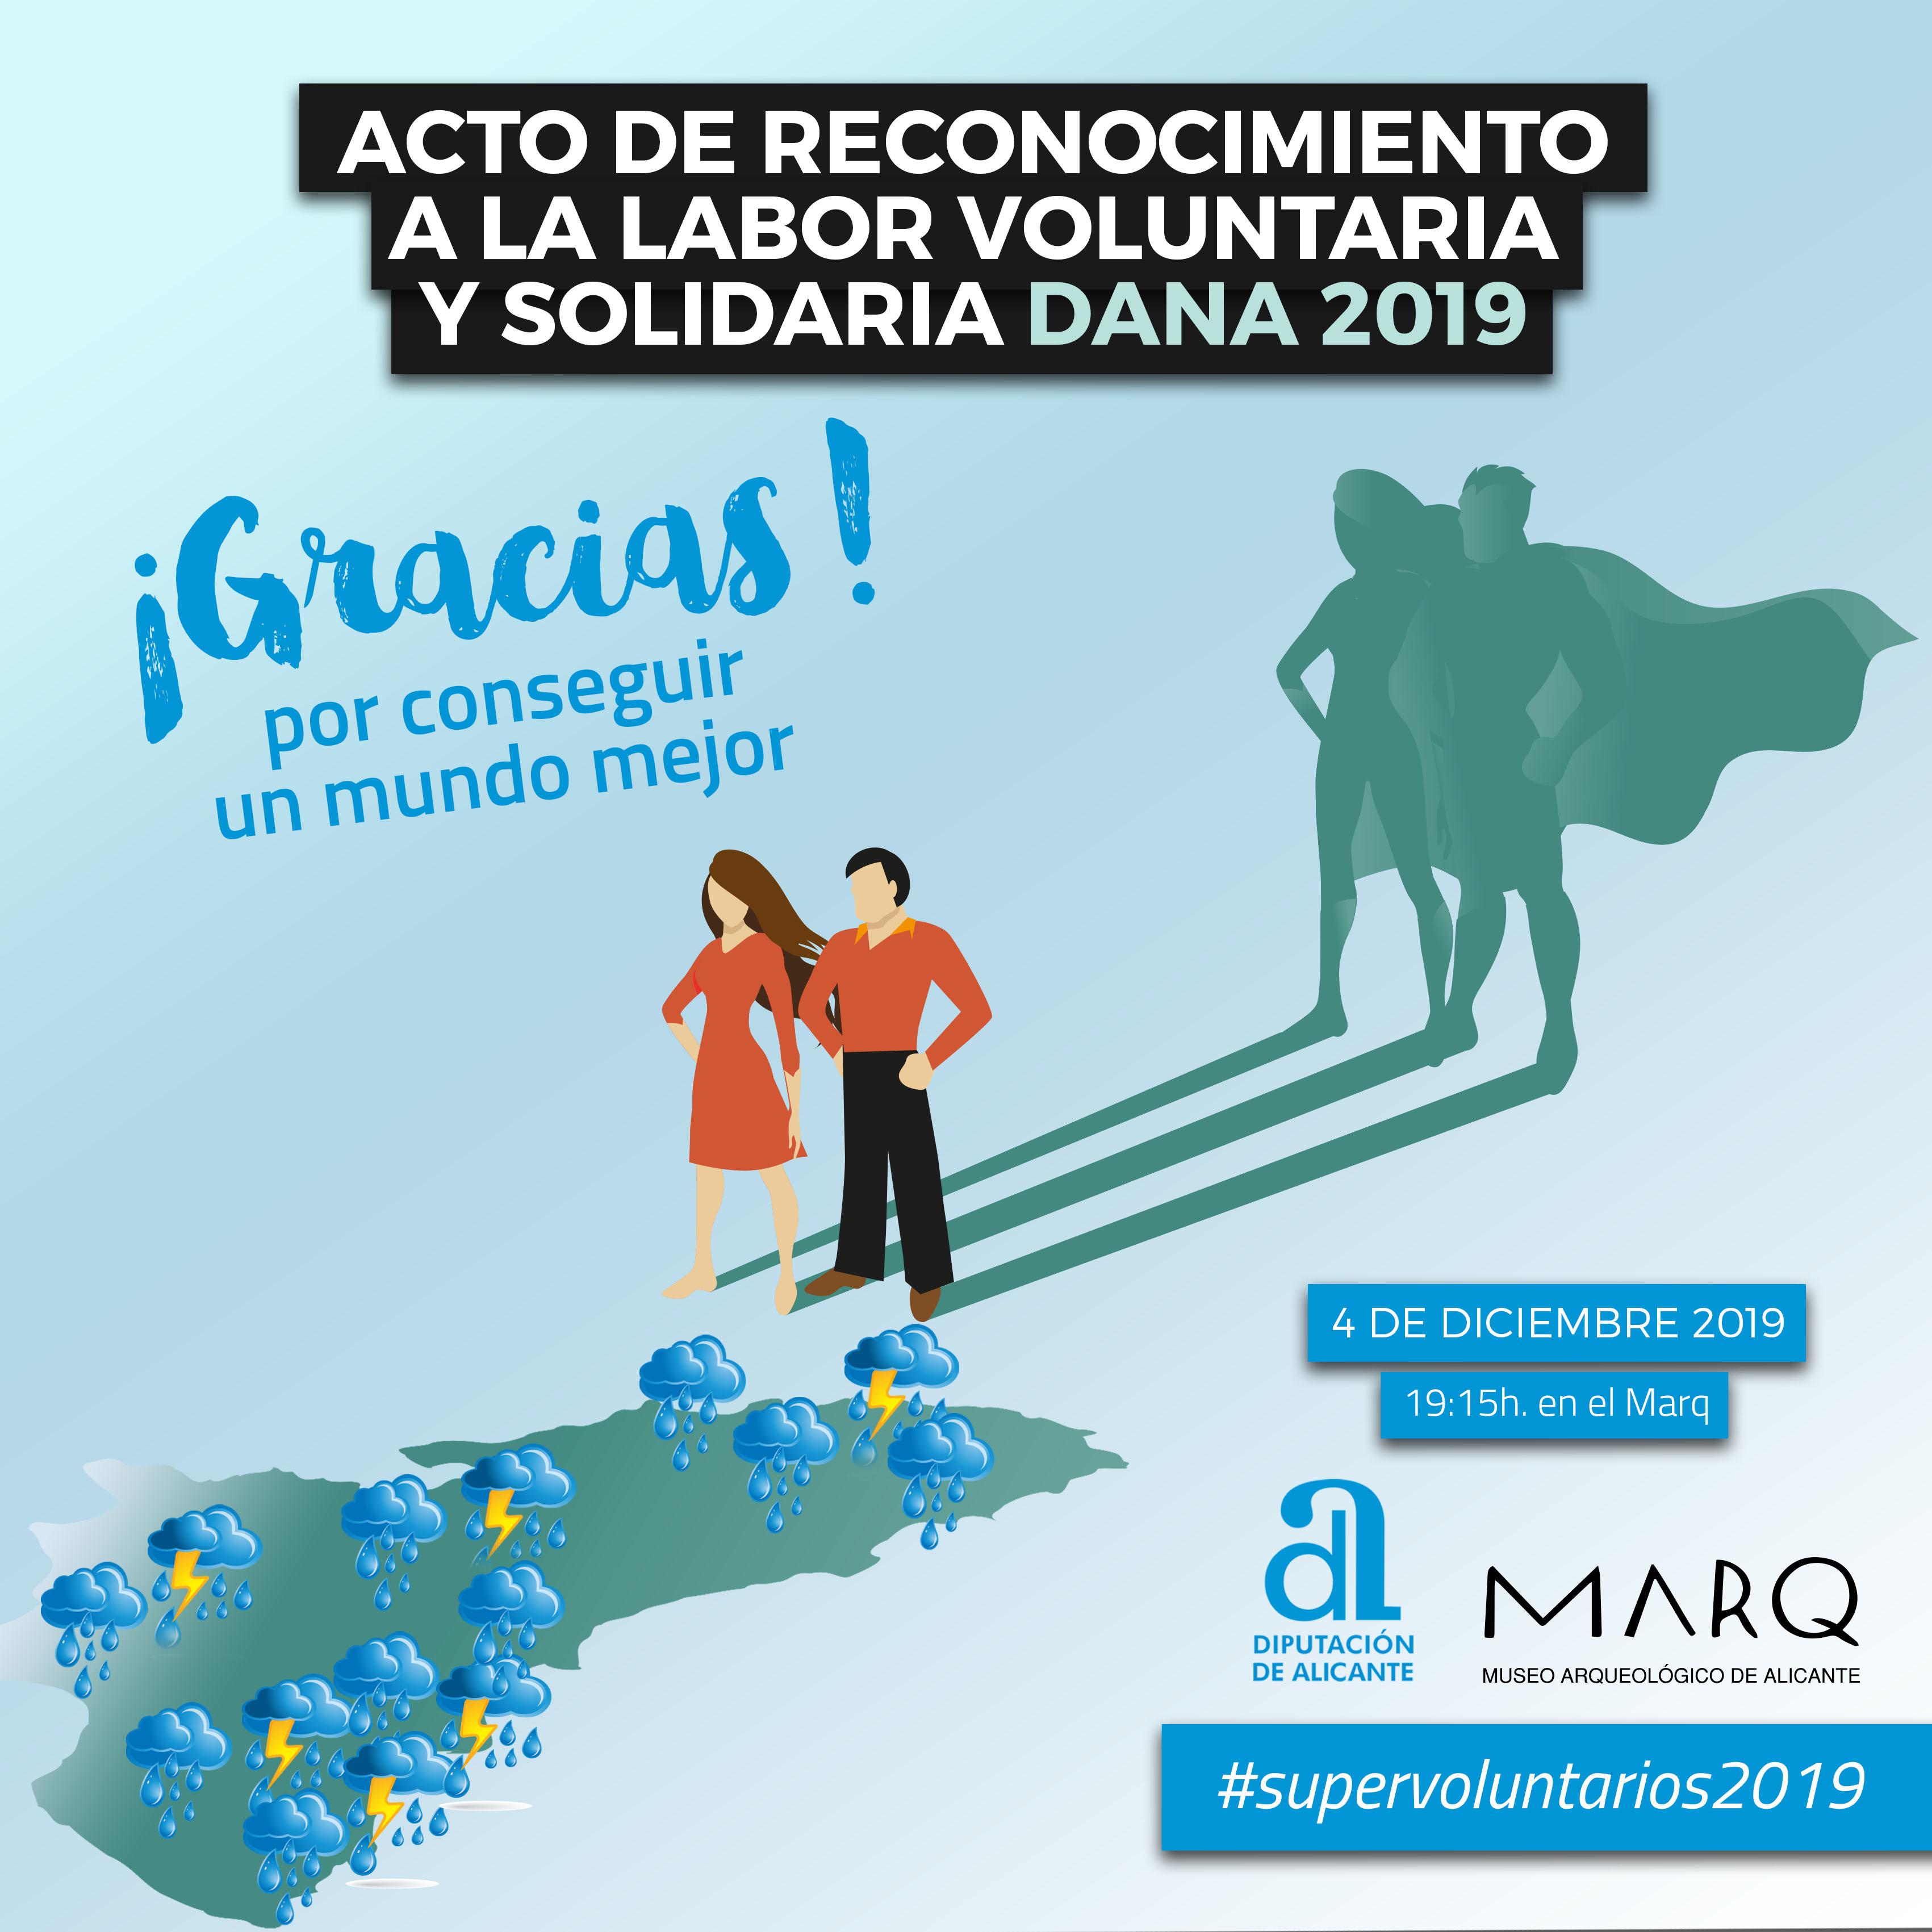 Acto de Reconocimiento a la Labor Voluntaria y Solidaria DANA 2019